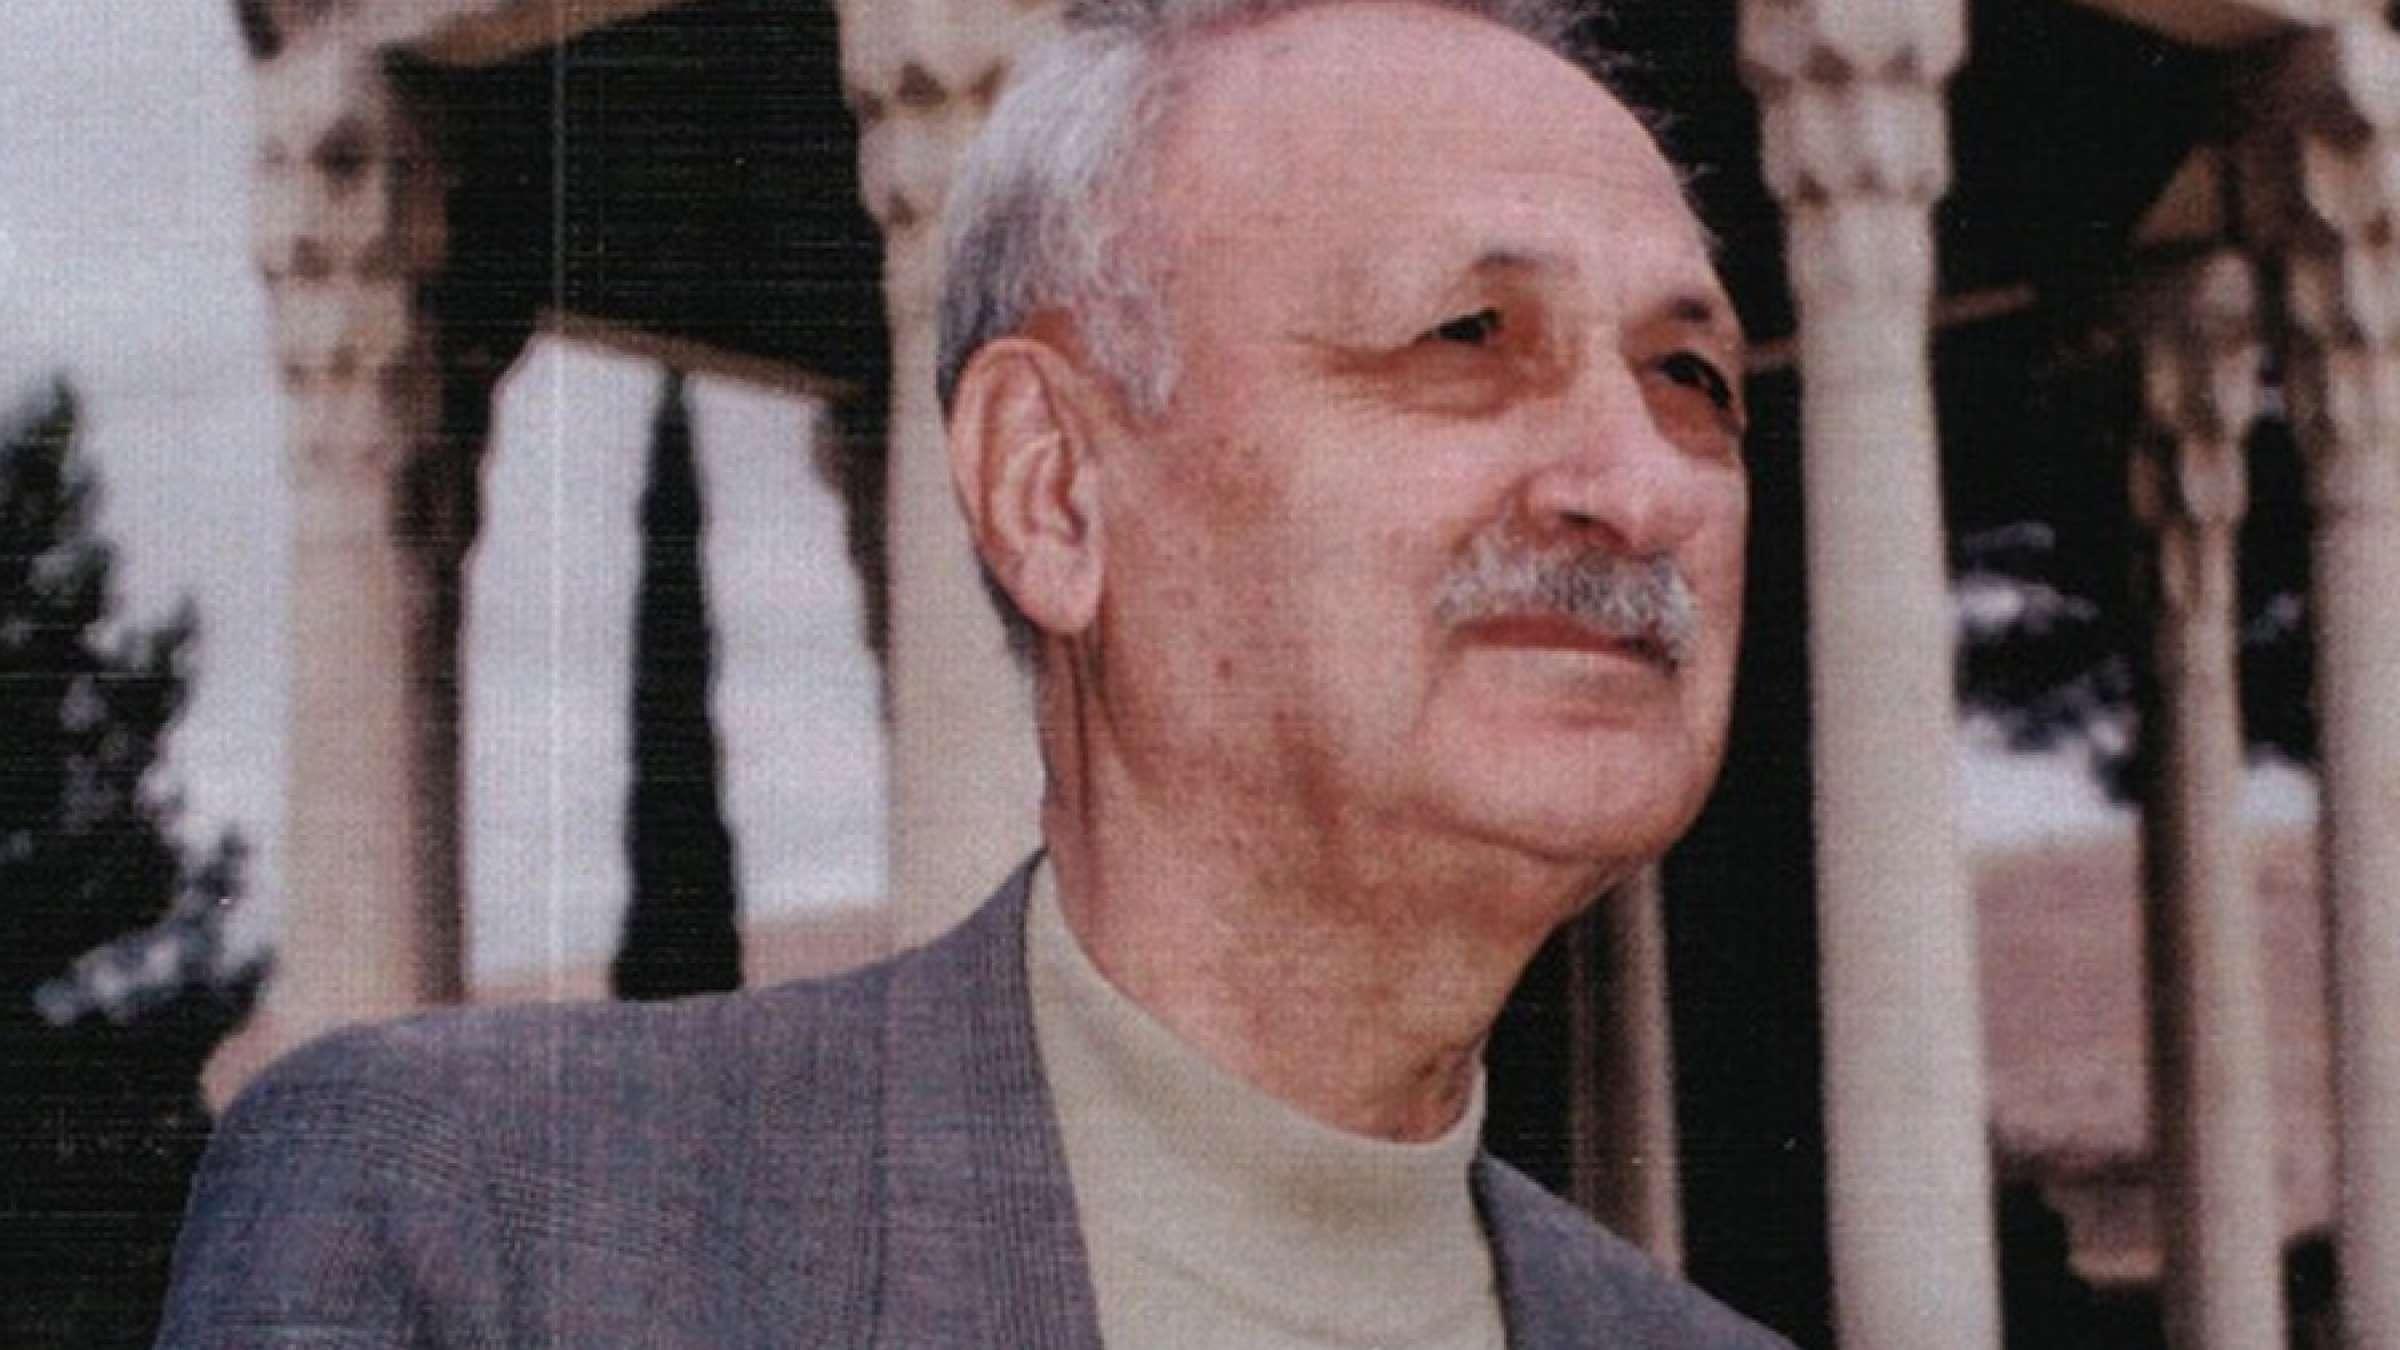 ادبیات-گلمحمدی-دکتر-عبدالحسین-زرینکوب-بیهقی-روزگار-ما